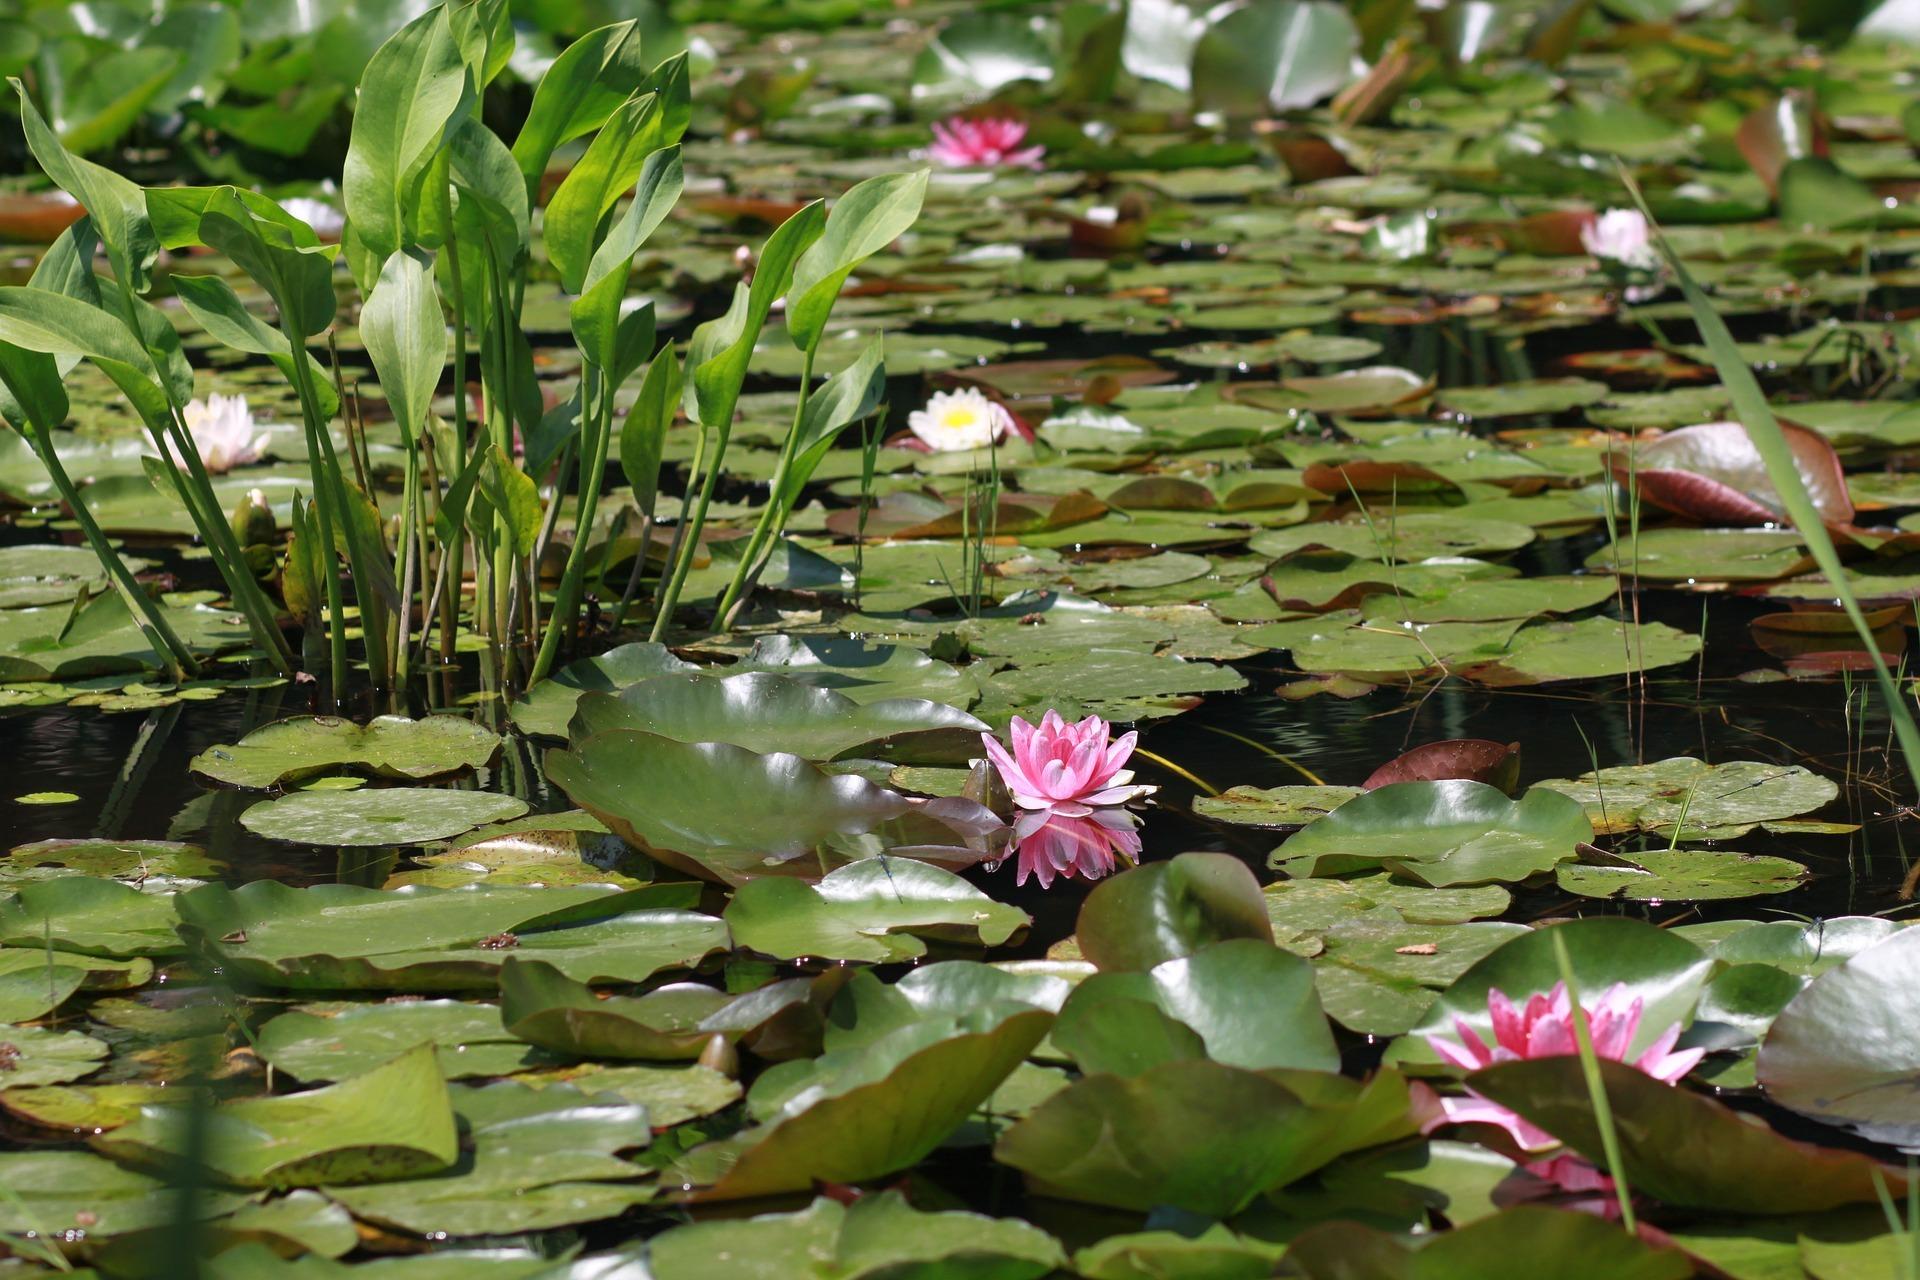 ミズオオバコとは?特徴や見分け方をご紹介!どんな水生植物?